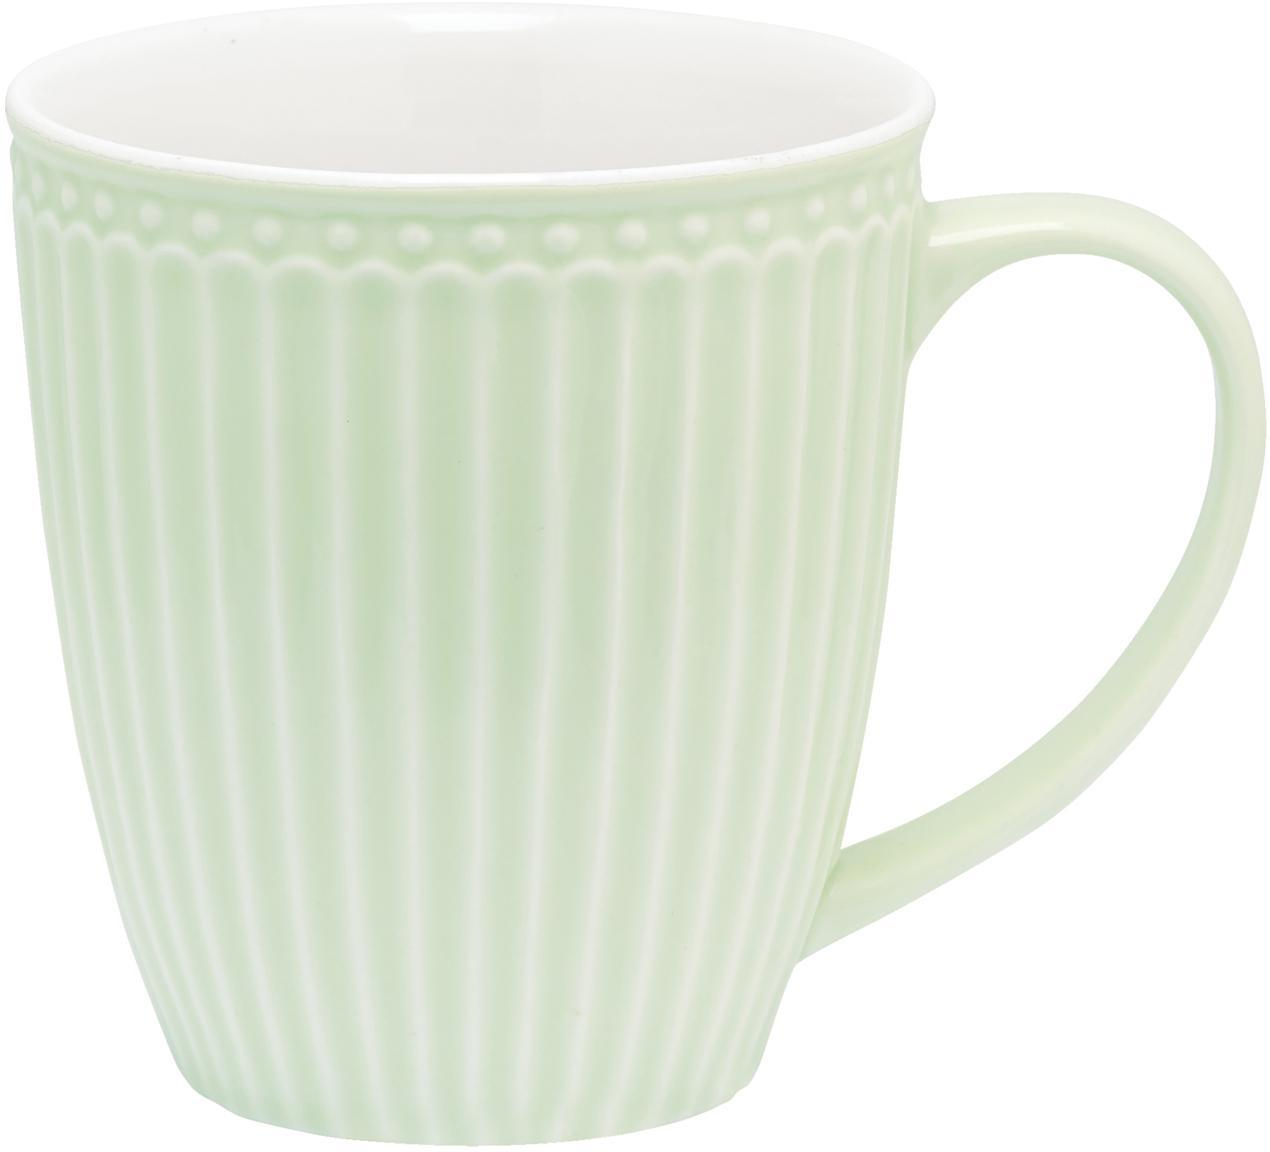 Tazza Alice 2 pz, Porcellana, Verde menta, Ø 10 x Alt. 10 cm